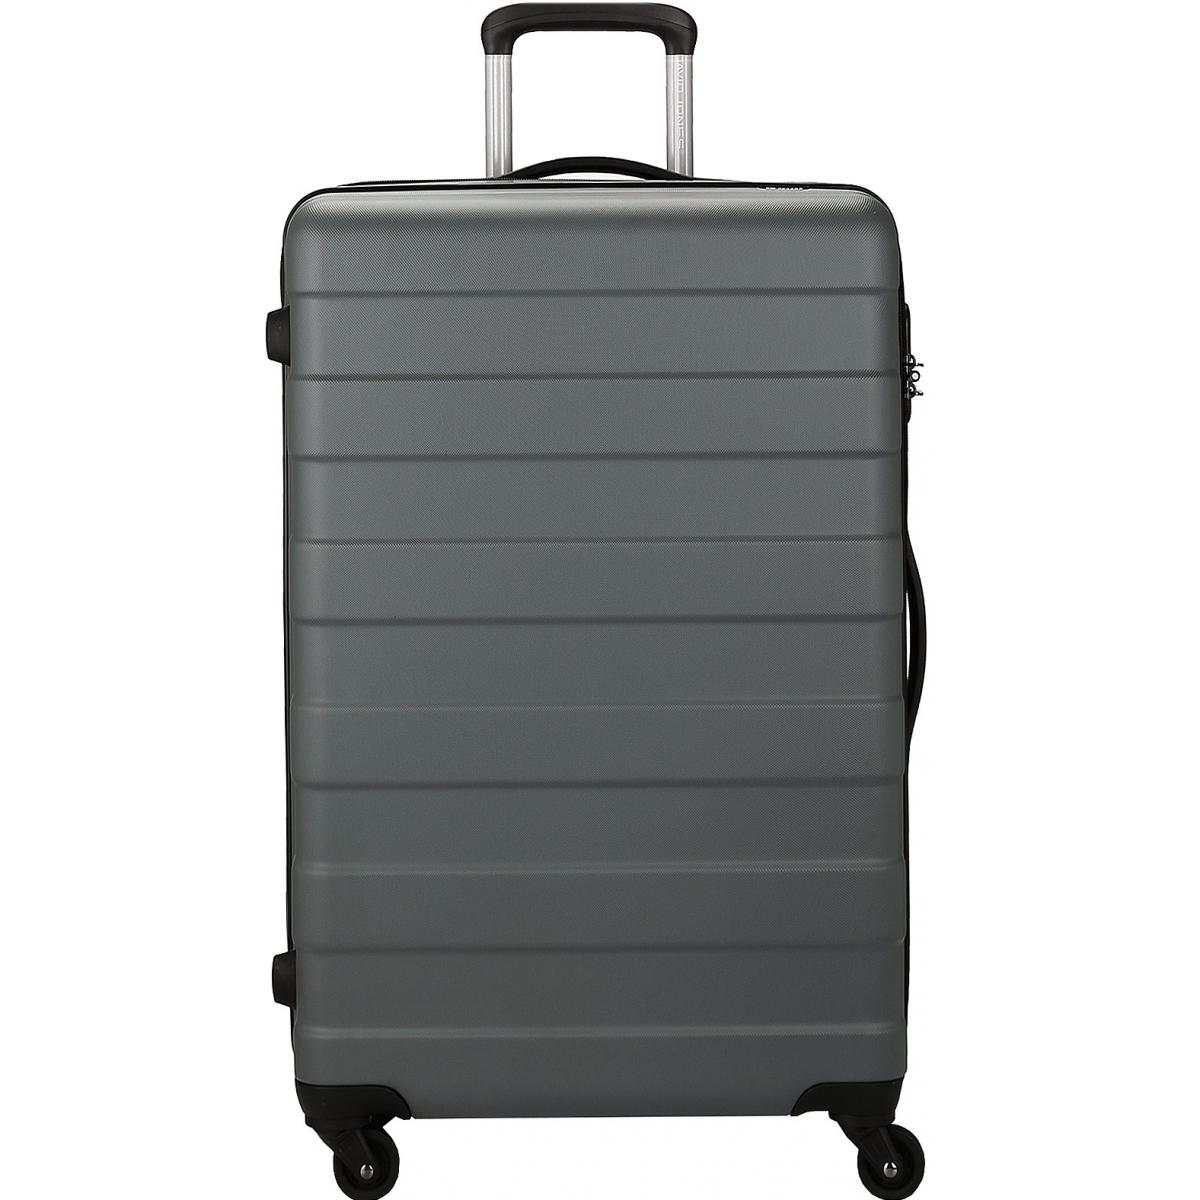 Valise rigide david jones 76cm ba10161g couleur - Valise a prix discount ...